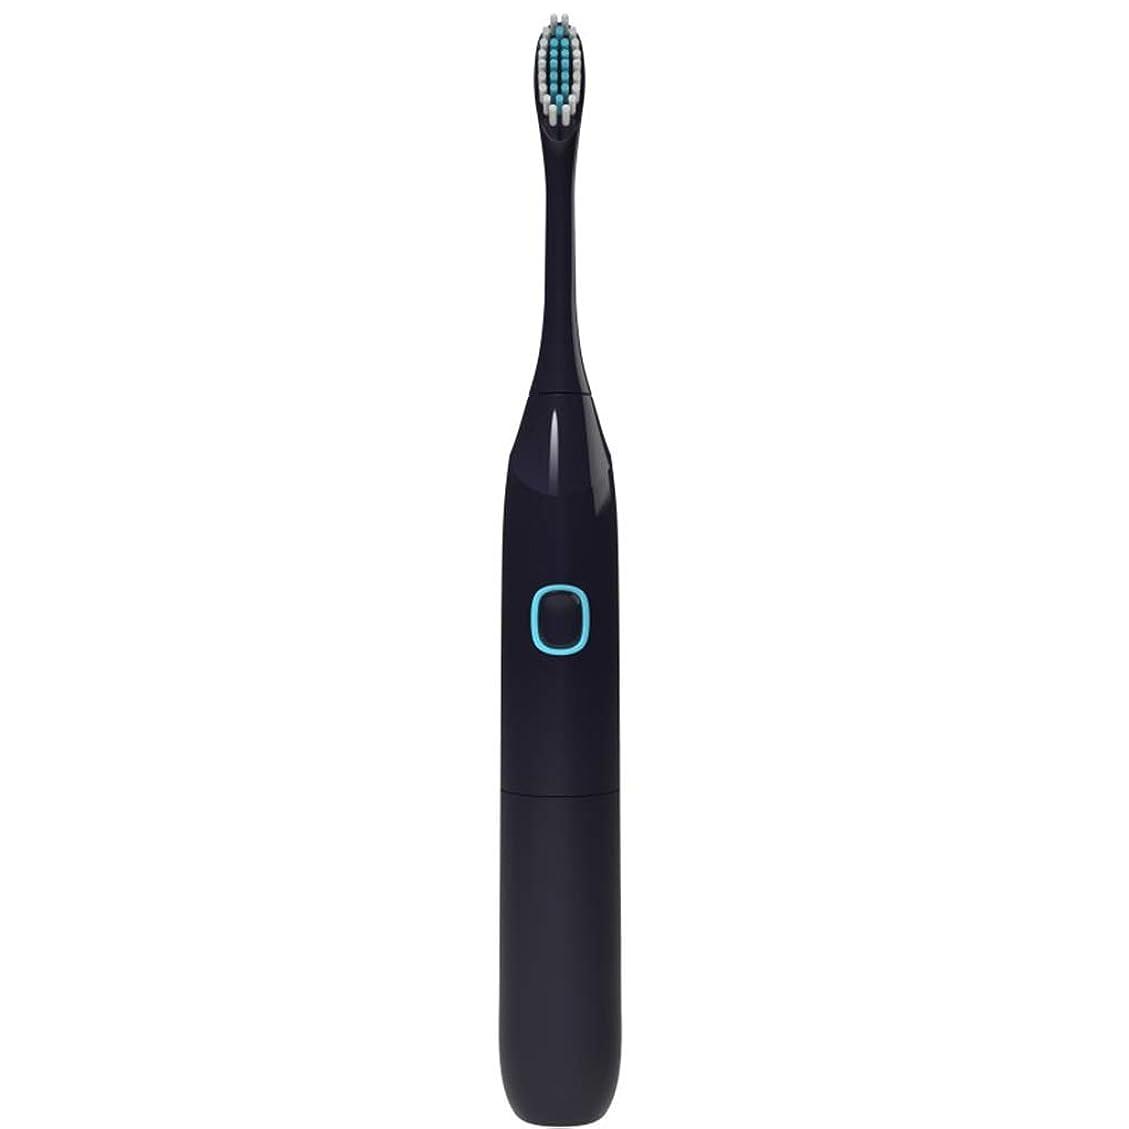 フレキシブルしみ前書きポータブル電動歯ブラシソニックスマート電動歯ブラシギフト